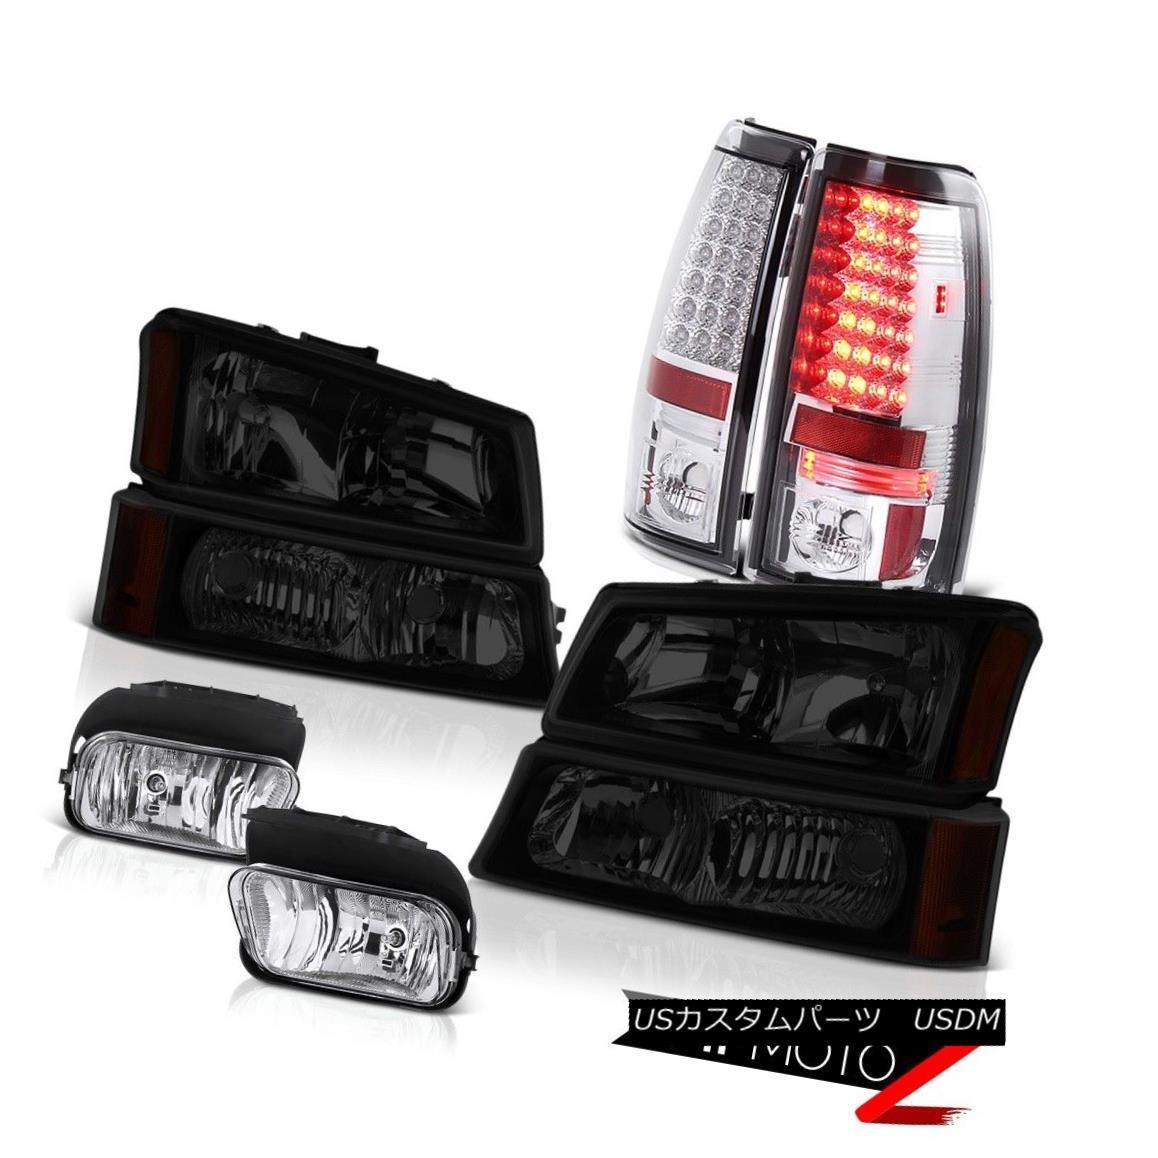 テールライト 03 04 05 06 Chevy Silverado 2500Hd Fog Lights Tail Brake Dark Tinted Headlights 03 04 05 06 Chevy Silverado 2500Hdフォグライトテールブレーキダークテントヘッドライト